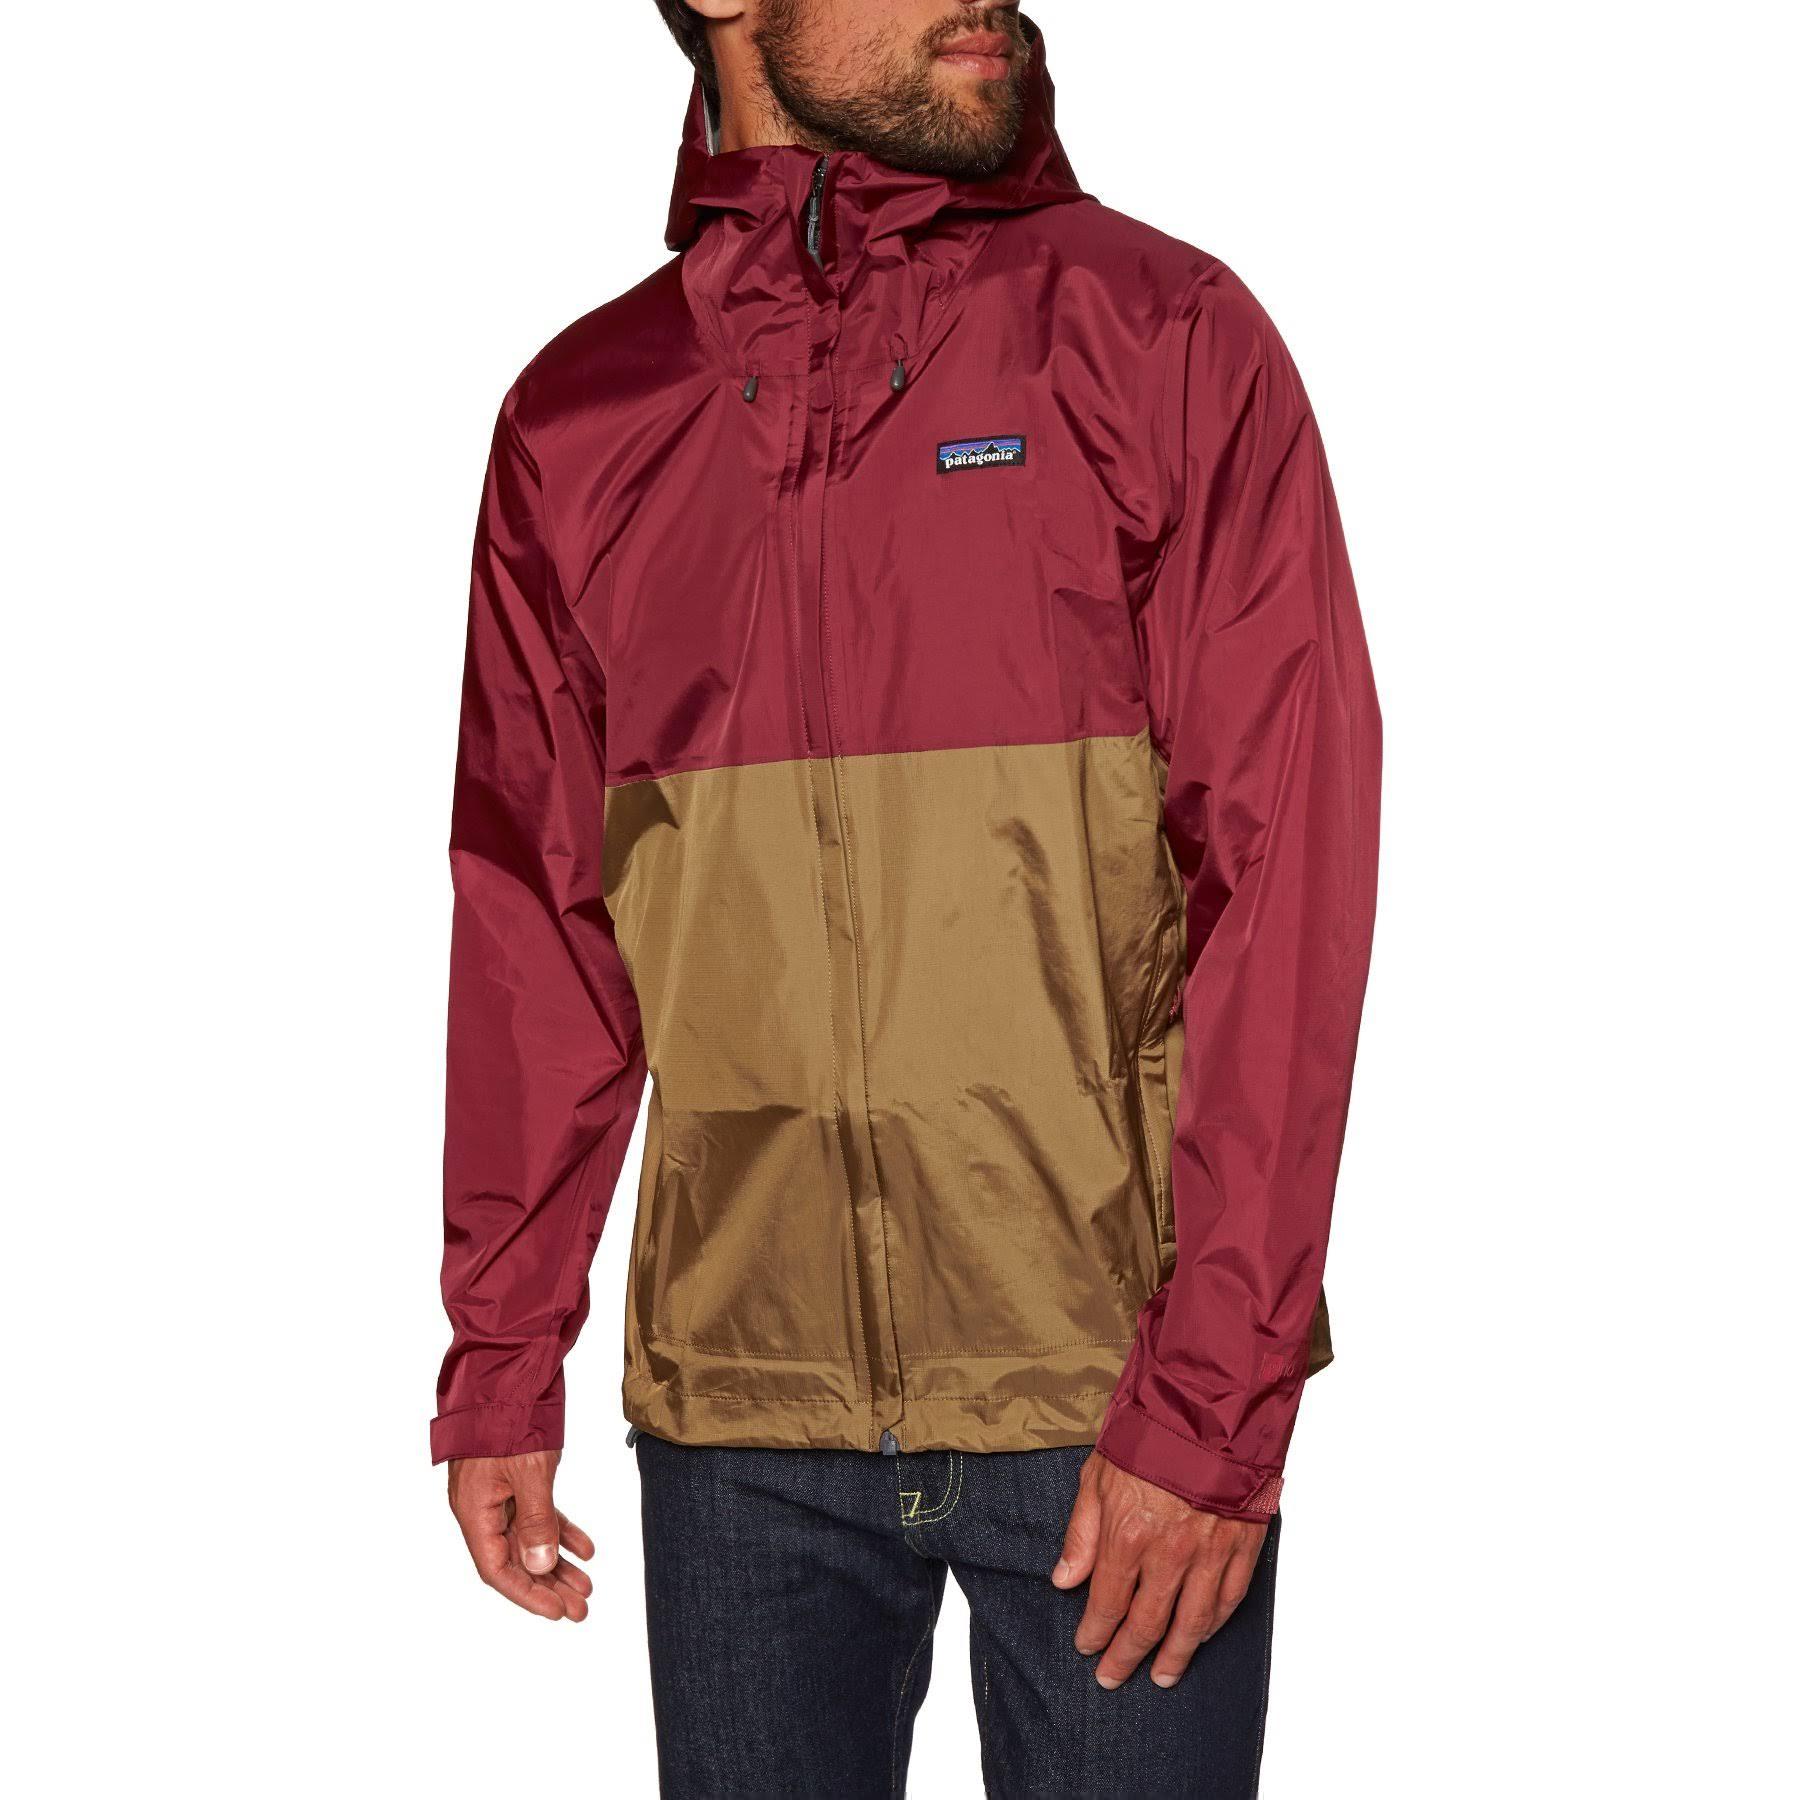 Oxide Patagonia Red Torrentshell Jacket Oxide Patagonia Red Torrentshell Jacket ZE0wSqw